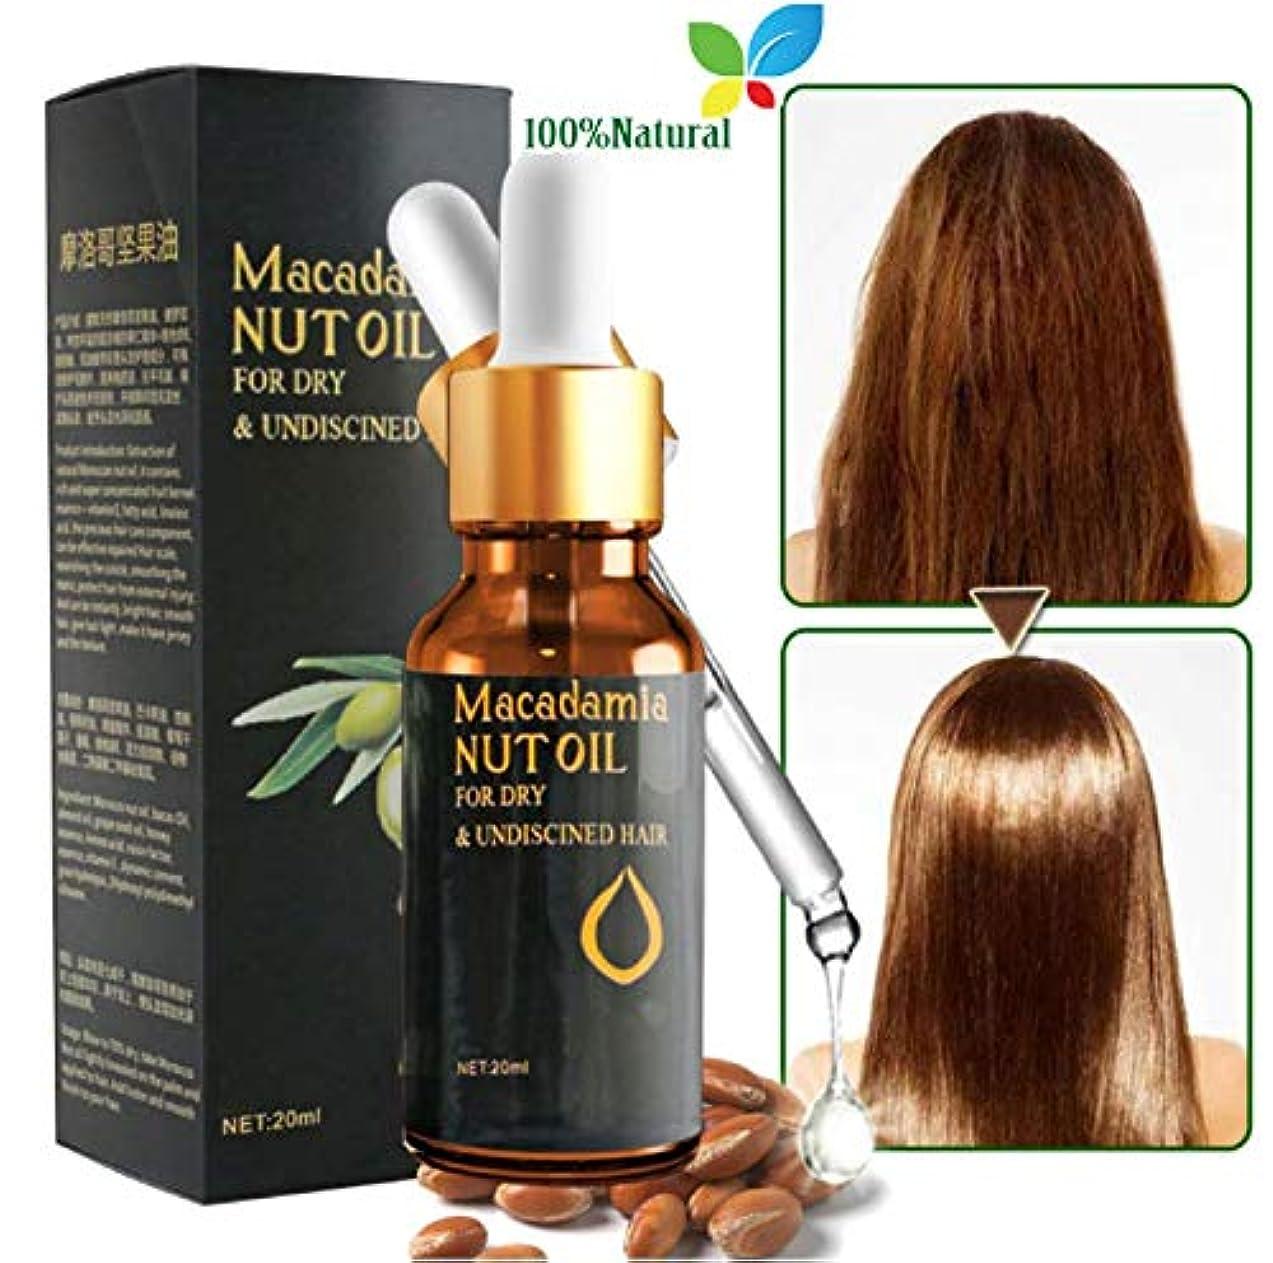 不従順スロー者(3本)すばやく強力な発毛、ナチュラルエッセンシャルオイルリキッド、抜け毛防止、ヘアケア血清、男性と女性 Fast Powerful Hair Growth, Natural Essential Oil Liquid,...